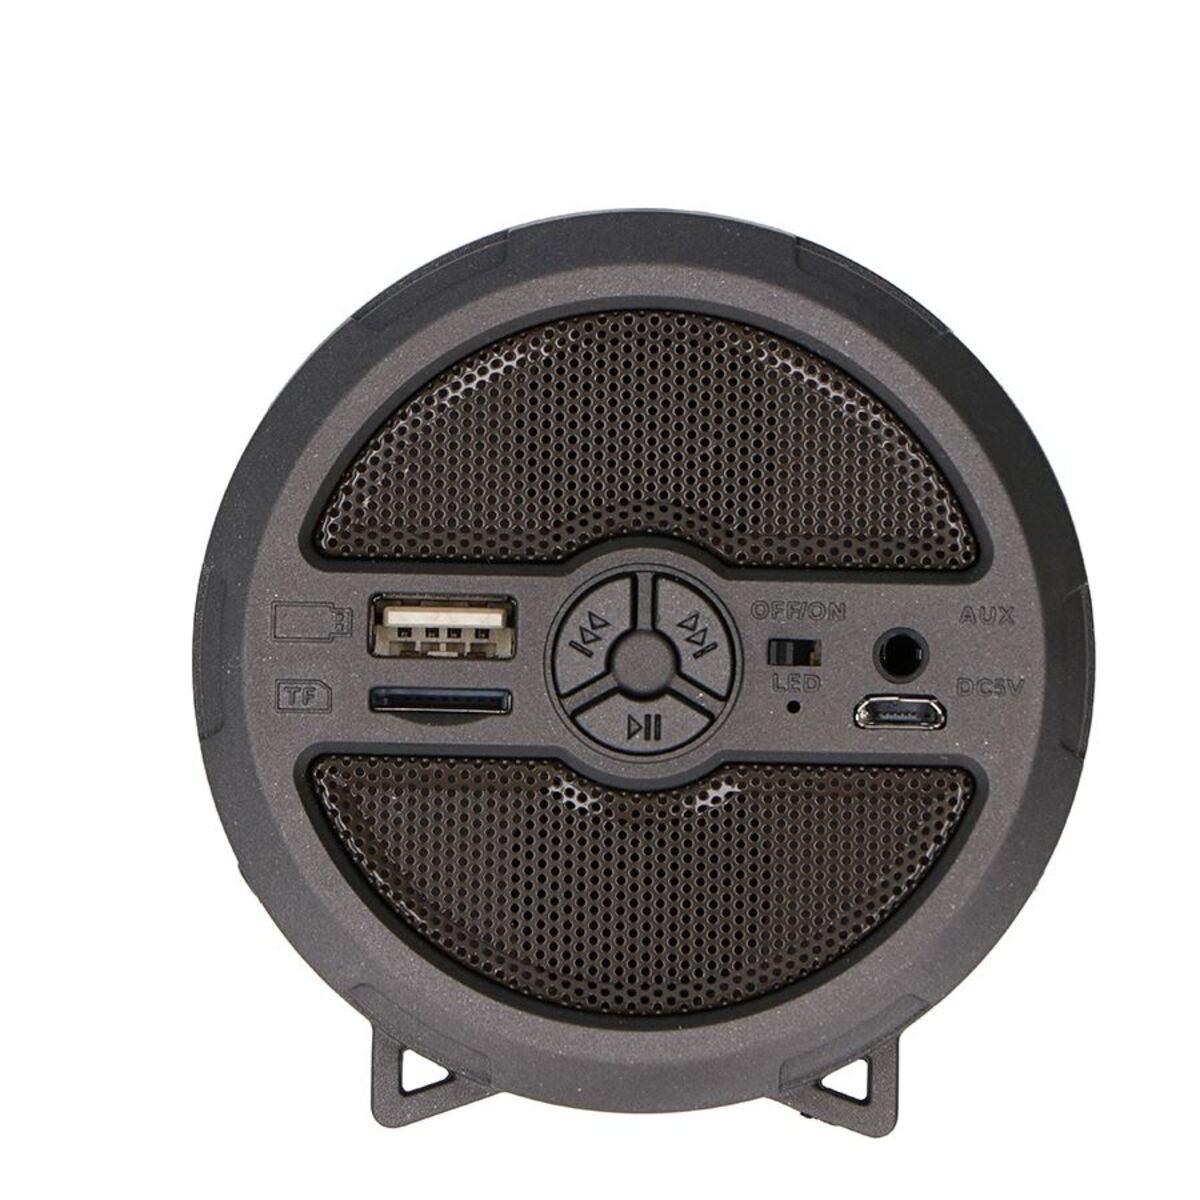 Bild 3 von Dunlop Bluetooth-Lautsprecher MW-133BT